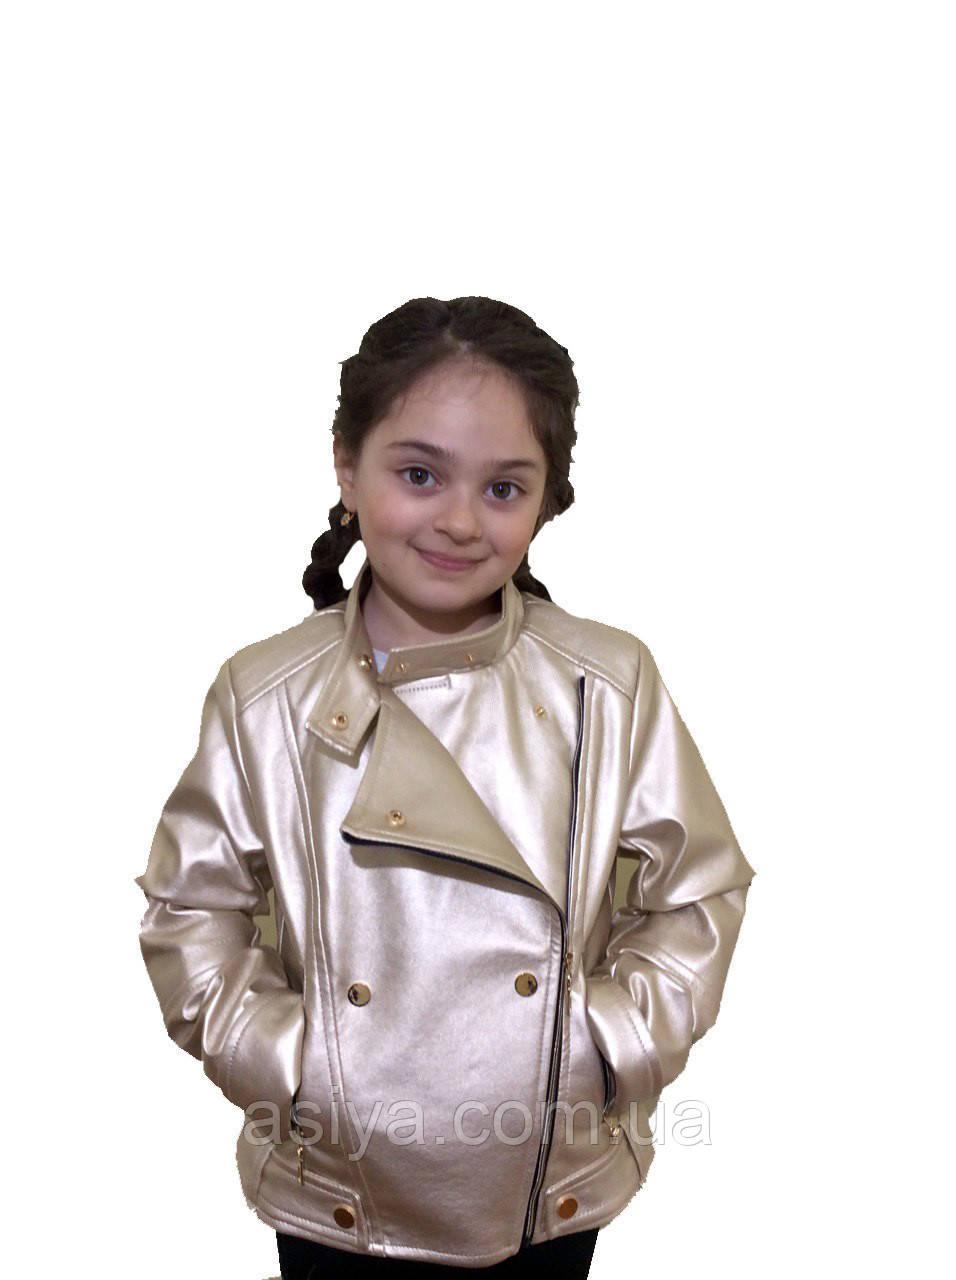 Подростковая куртка кожанка косуха цвет - шампань